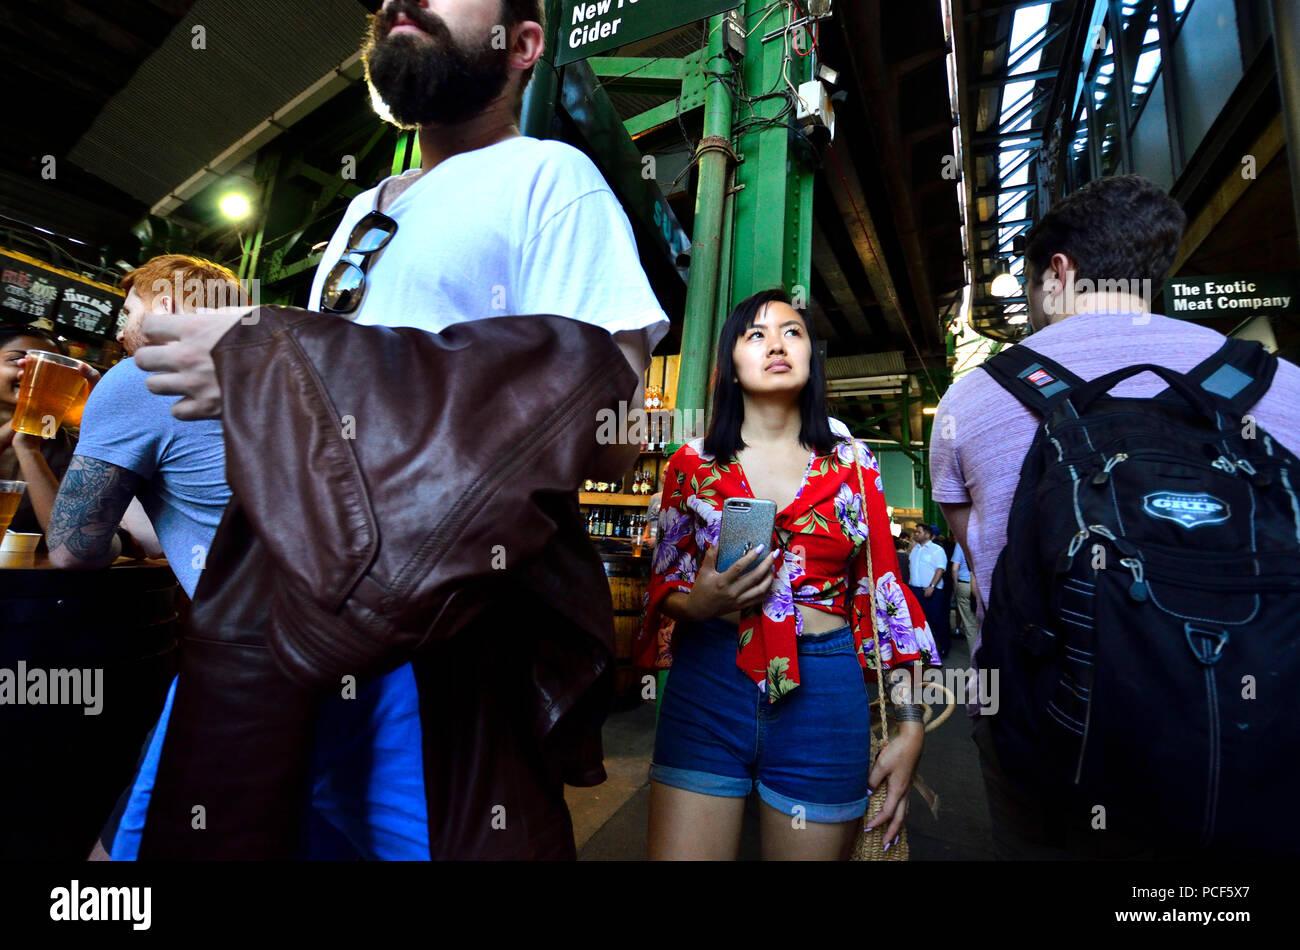 Turisti asiatici in un affollato mercato di Borough, Southwark, Londra, Inghilterra, Regno Unito. Foto Stock